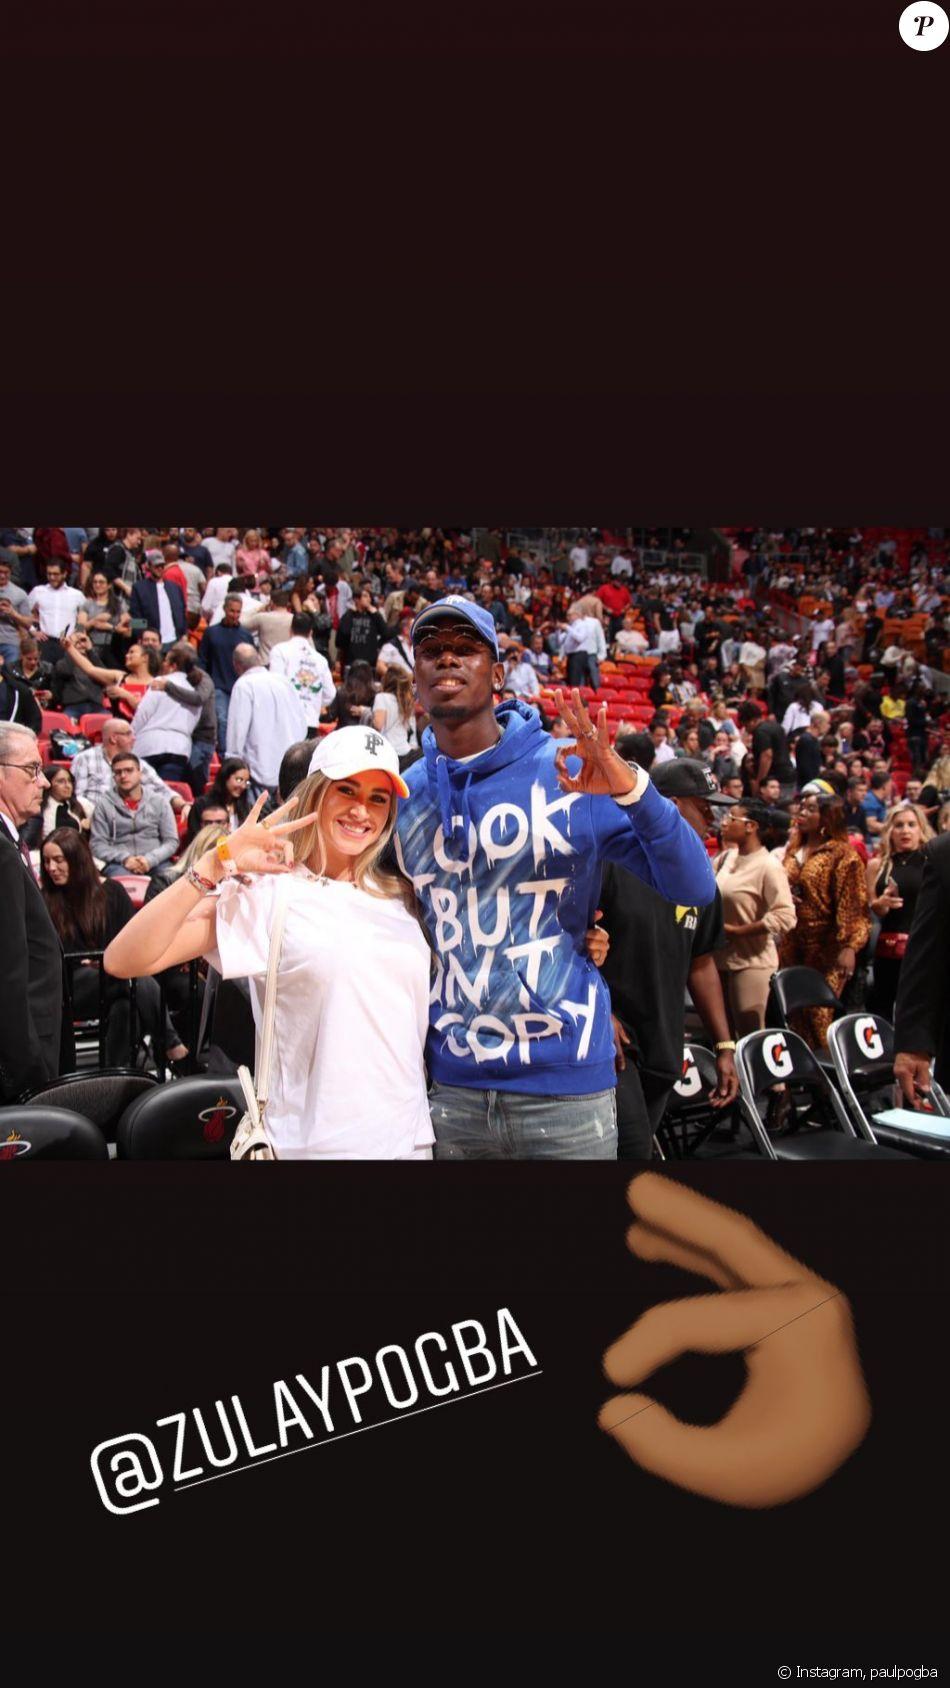 Paul et Zulay Pogba ont assisté au match Heat de Miami VS Cavaliers de Cleveland à l'AmericanAirlines Arena de Miami le 20 novembre 2019.